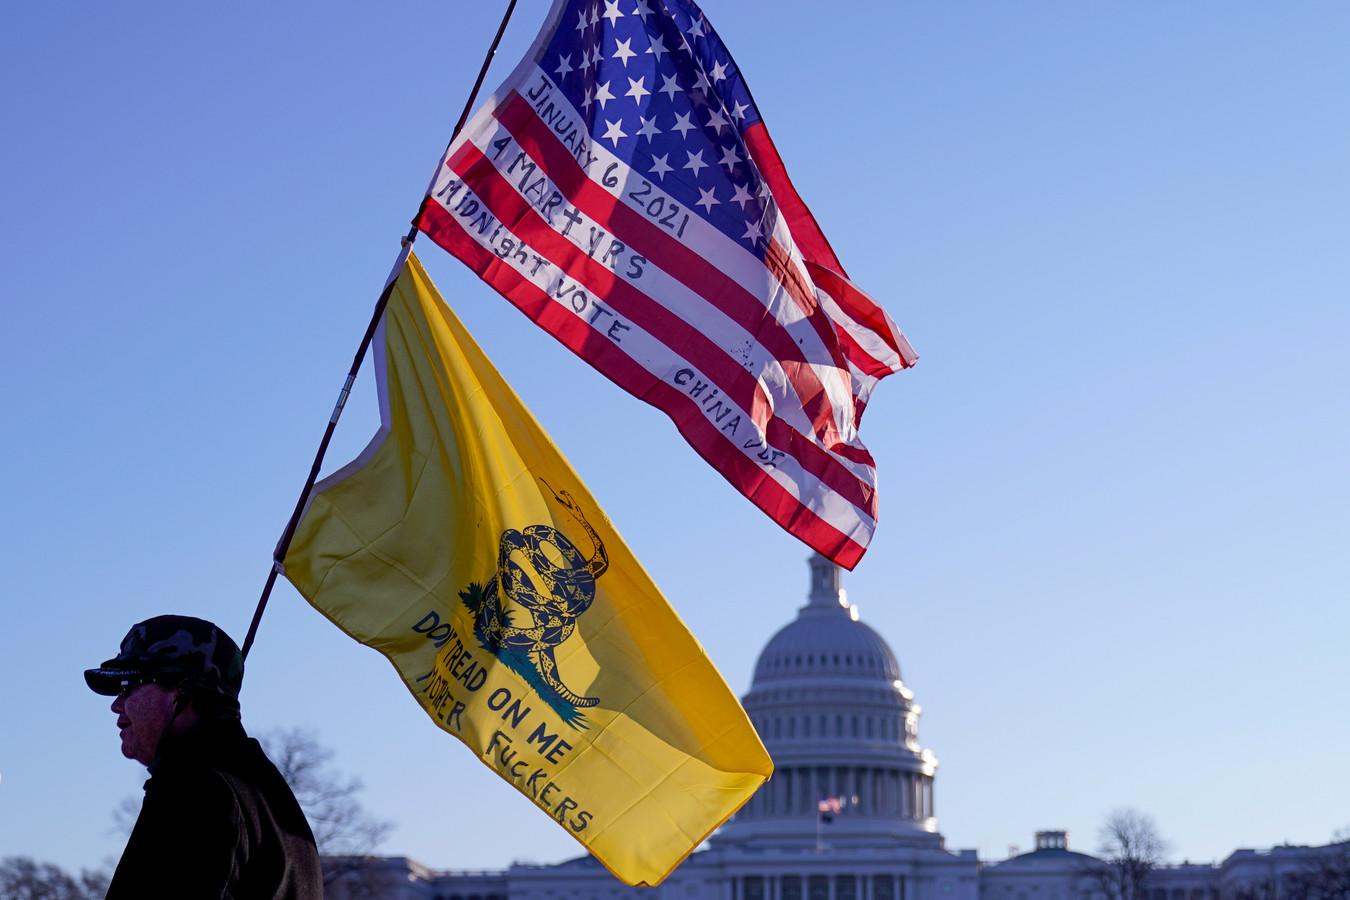 Een man met de Gadsden-vlag bij het Capitool in Washington.